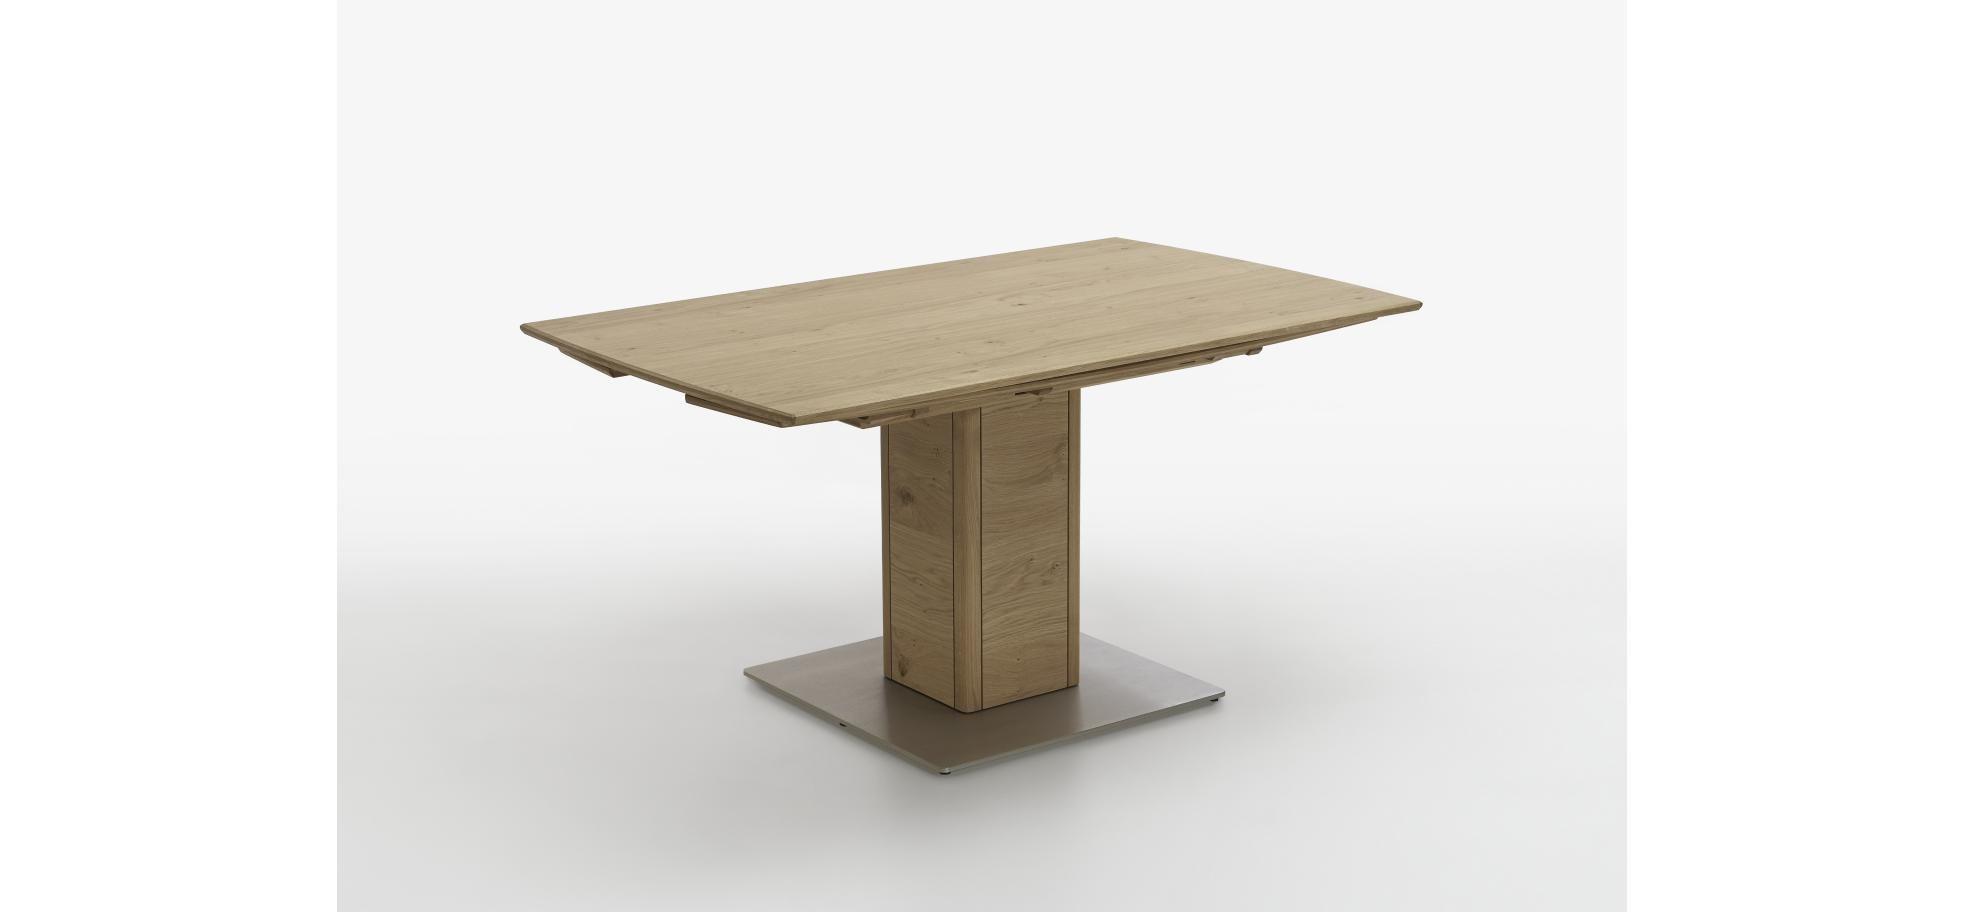 Esstisch Mit Querauszug Berkemeier Home Company Günstig Möbel Kaufen Esstisch Quadratisch Esstisch